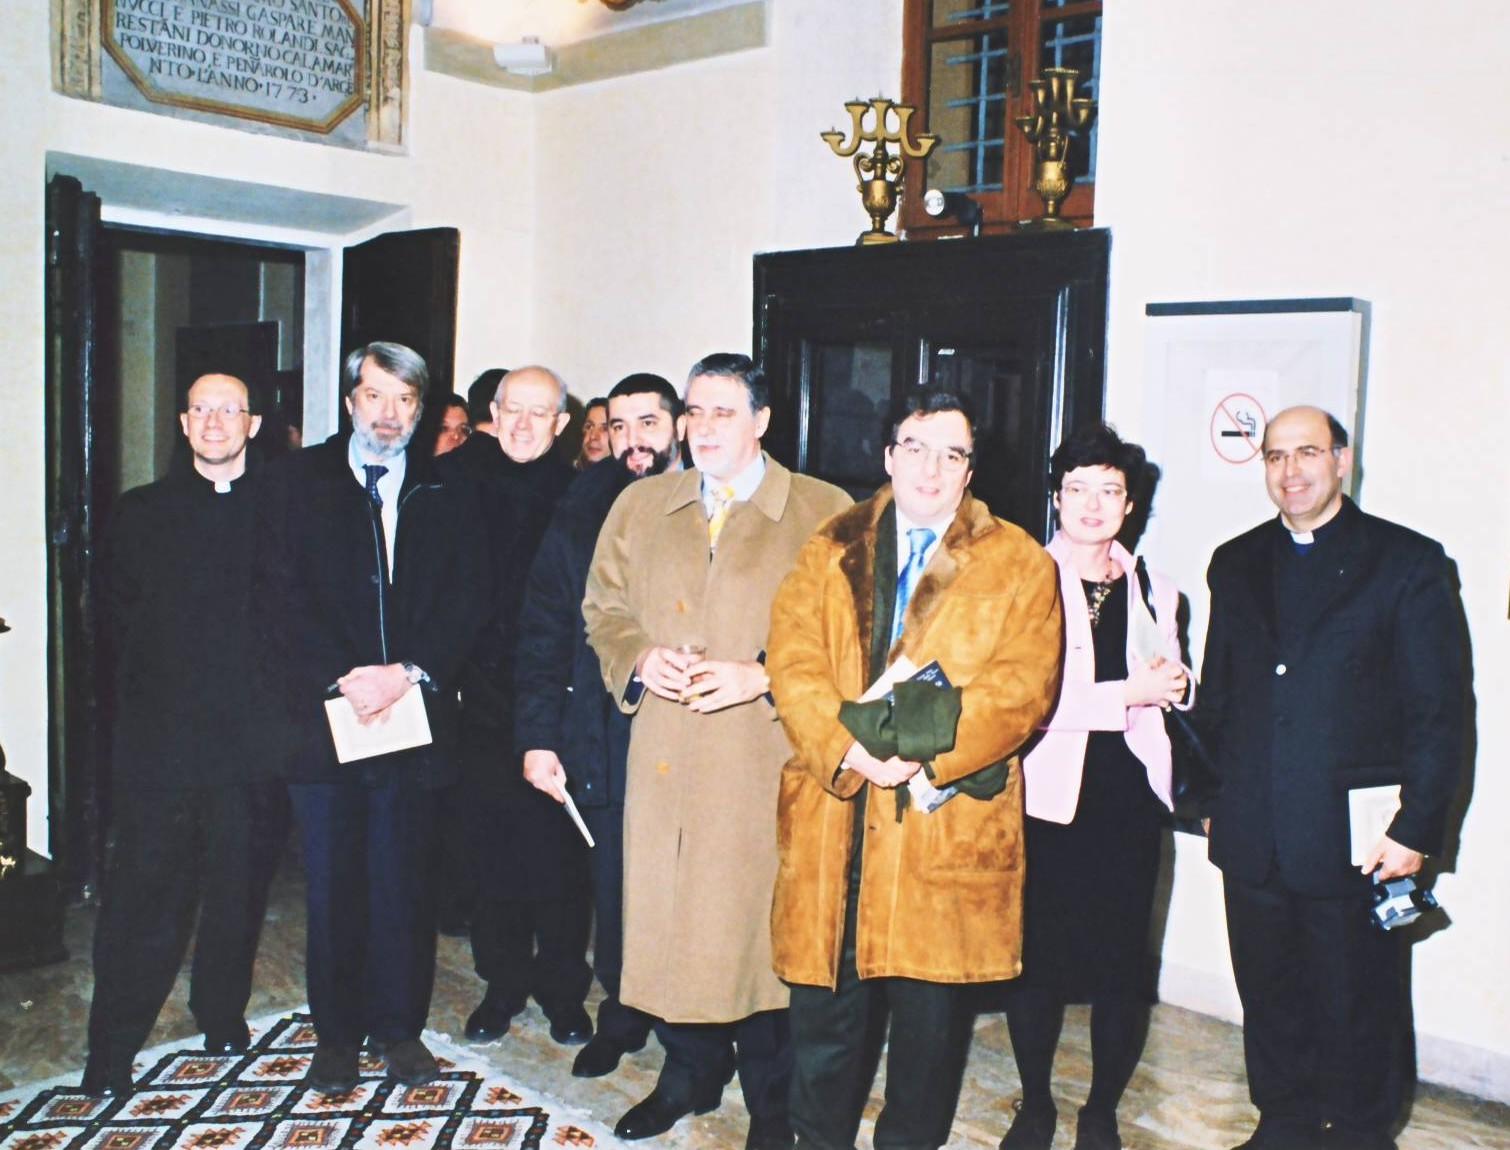 339 presentazione libro cattedrale 2 2005.JPG